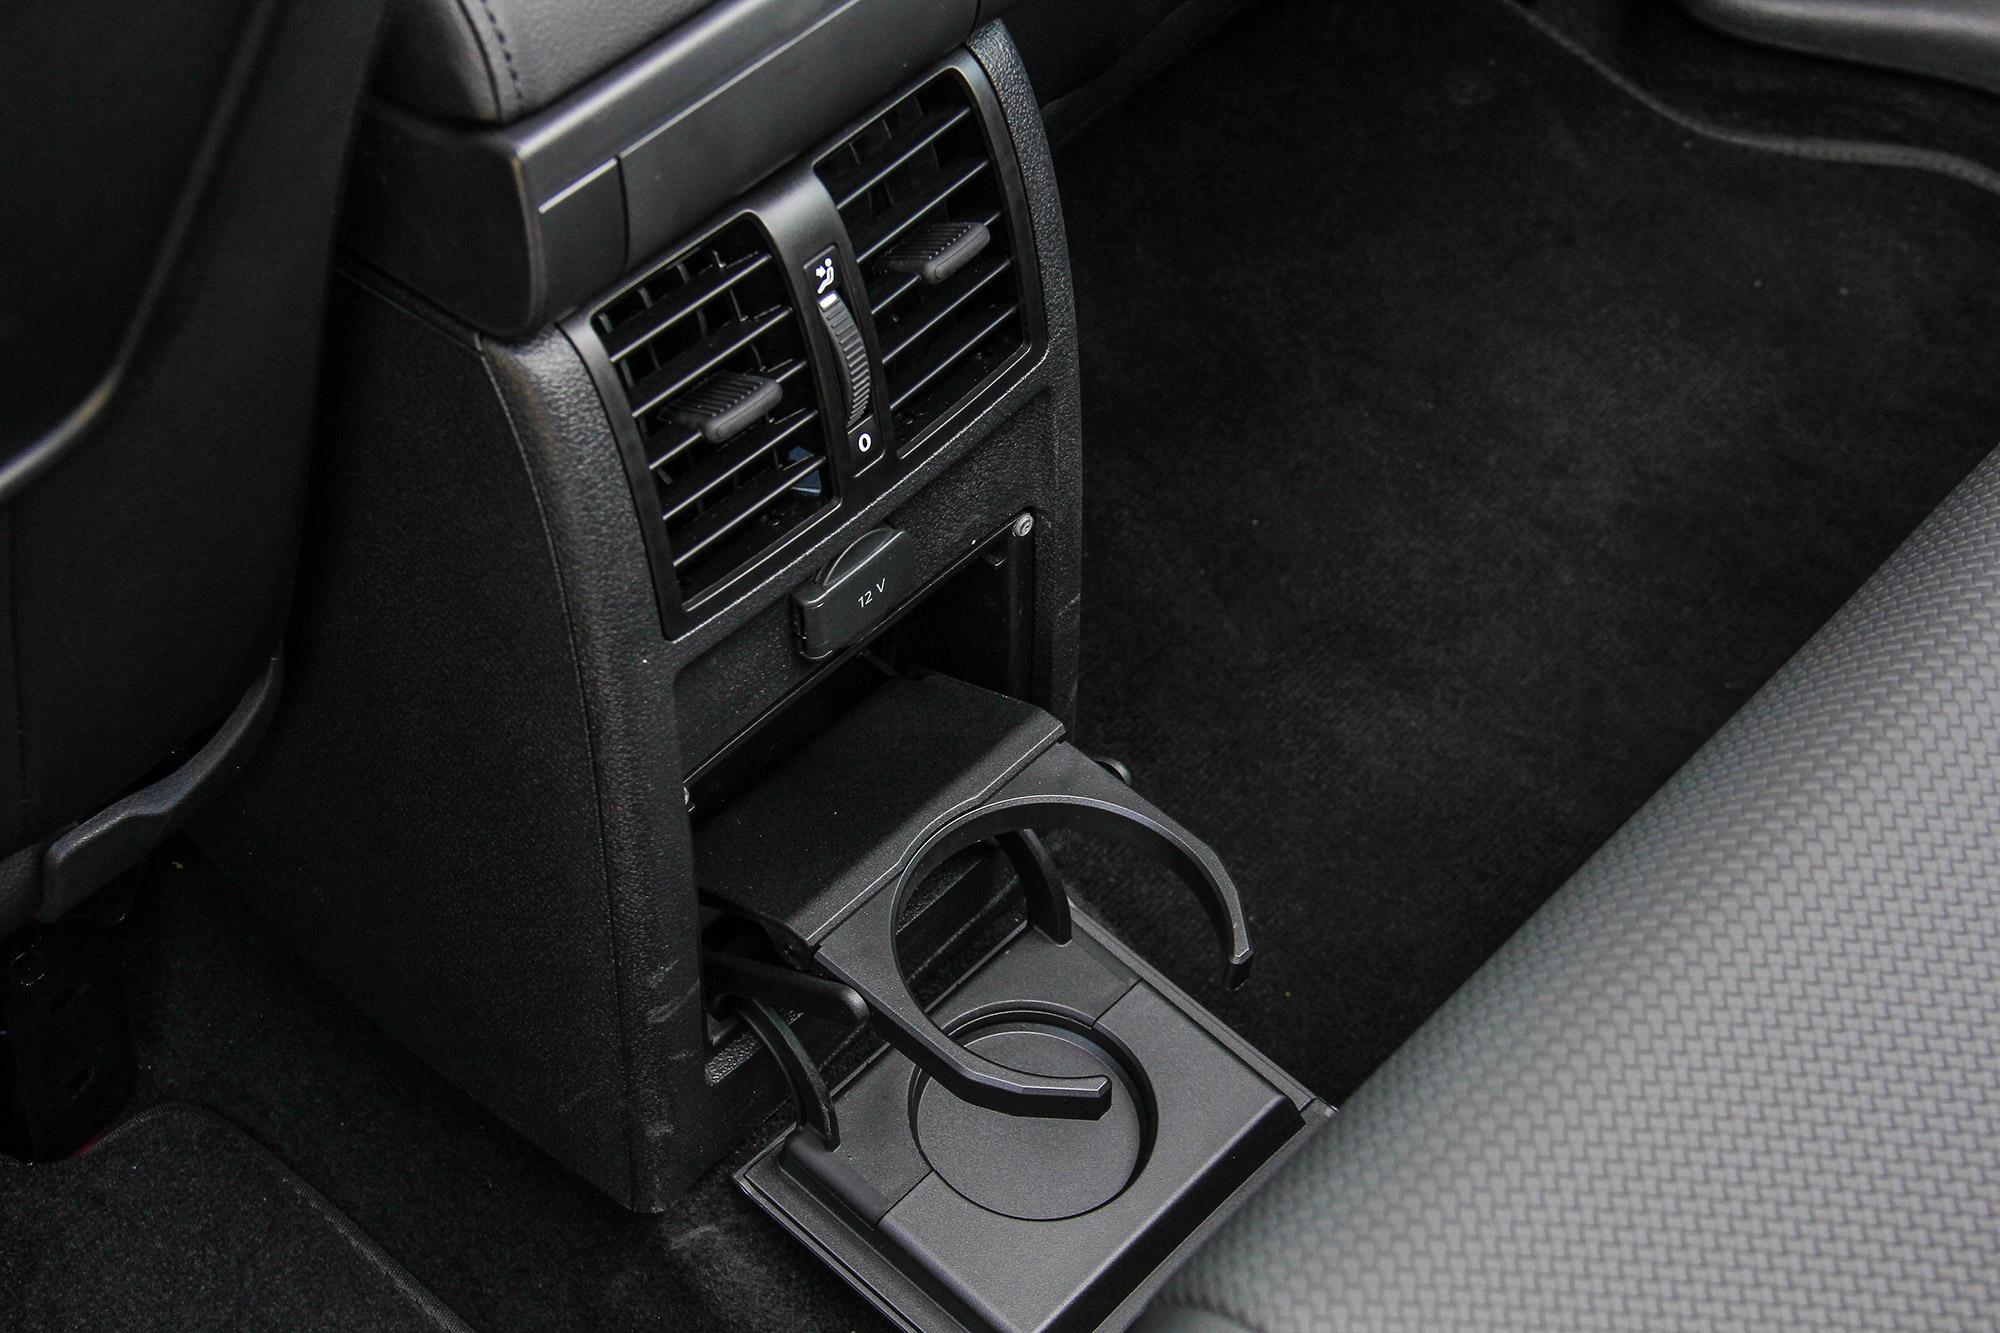 後座出風口下方除 12V 插座外,也有一組隱藏式杯架。